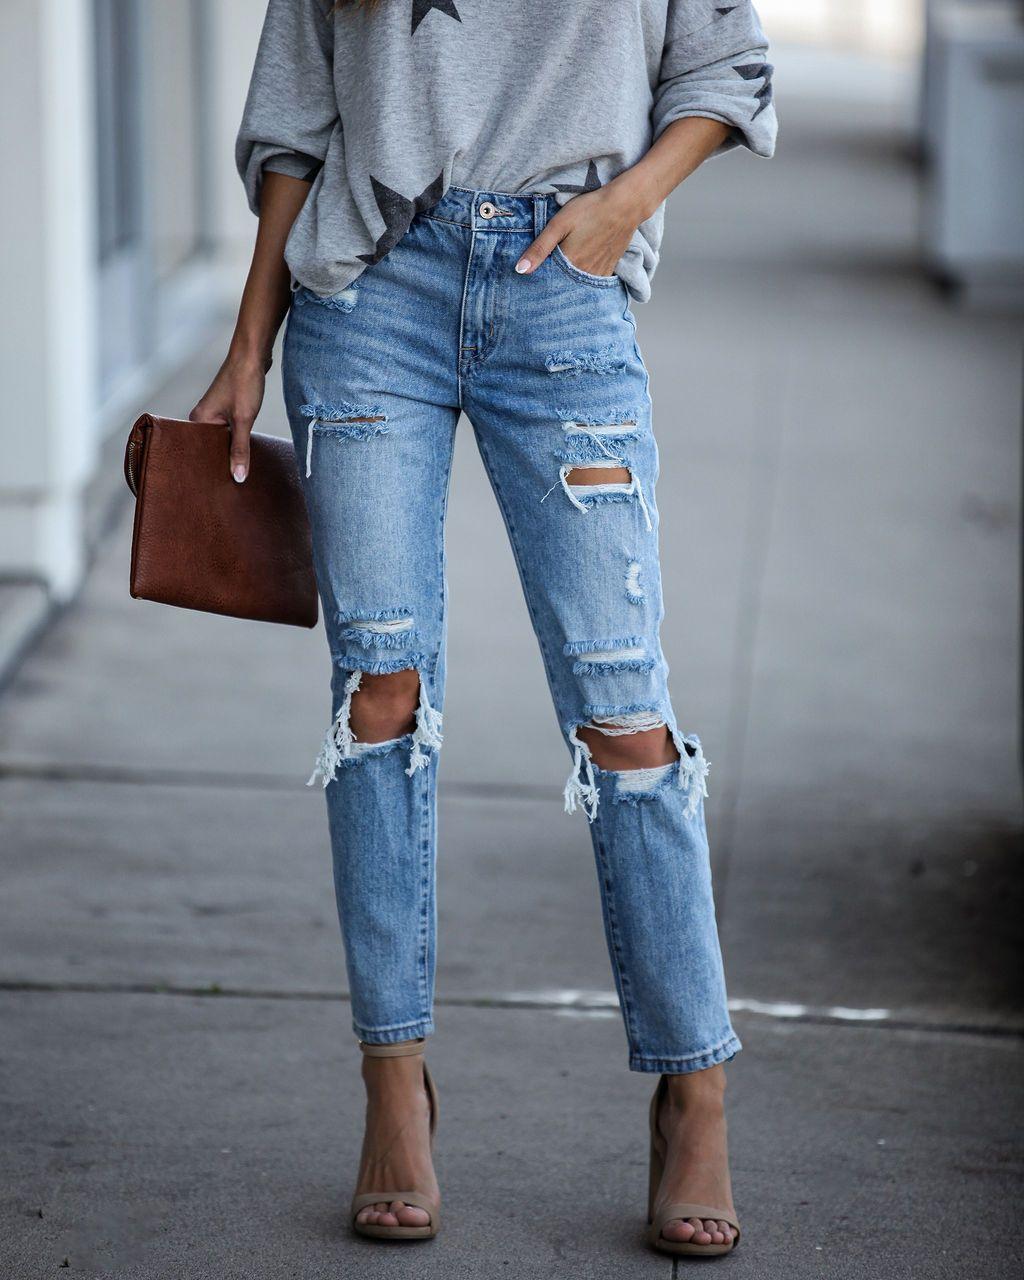 Летние модные рваные джинсы, женские джинсы в стиле хип-хоп, уличный стиль, укороченные брюки в стиле ретро